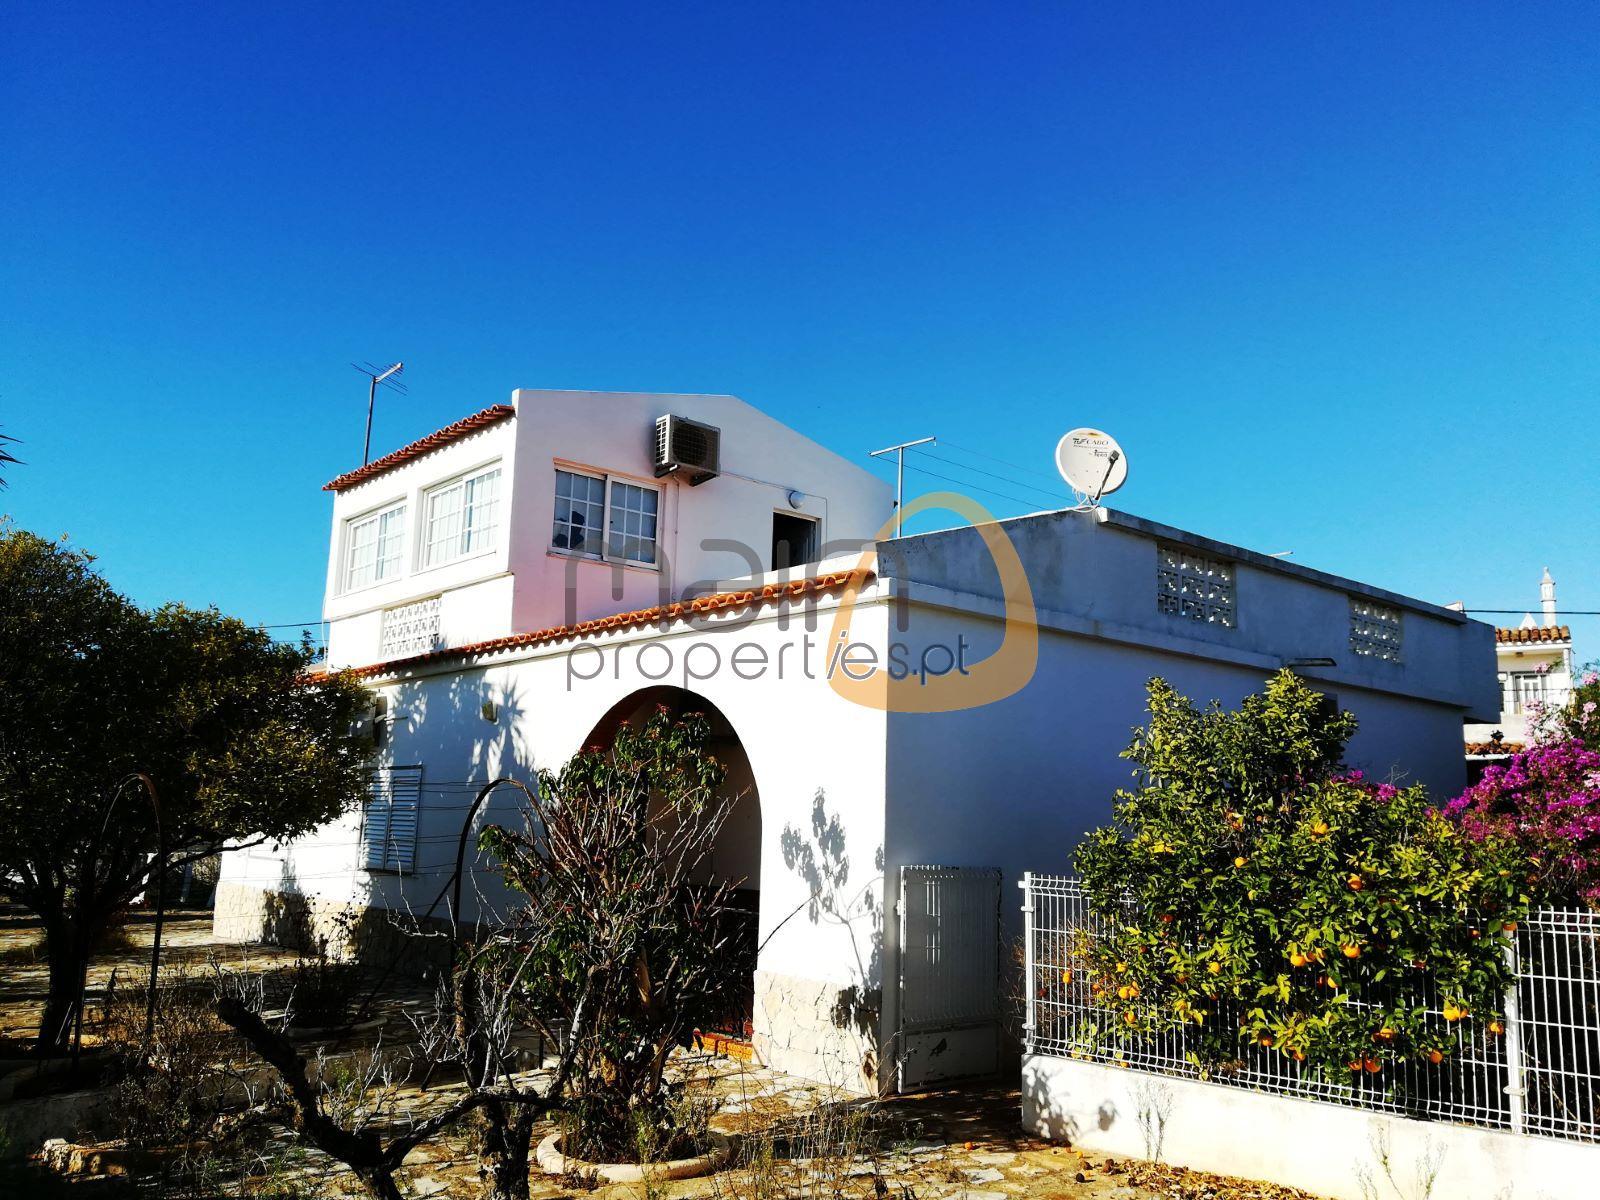 Moradia com 3 quartos e 3 apartamentos com 1 quarto cada no centro de Almancil